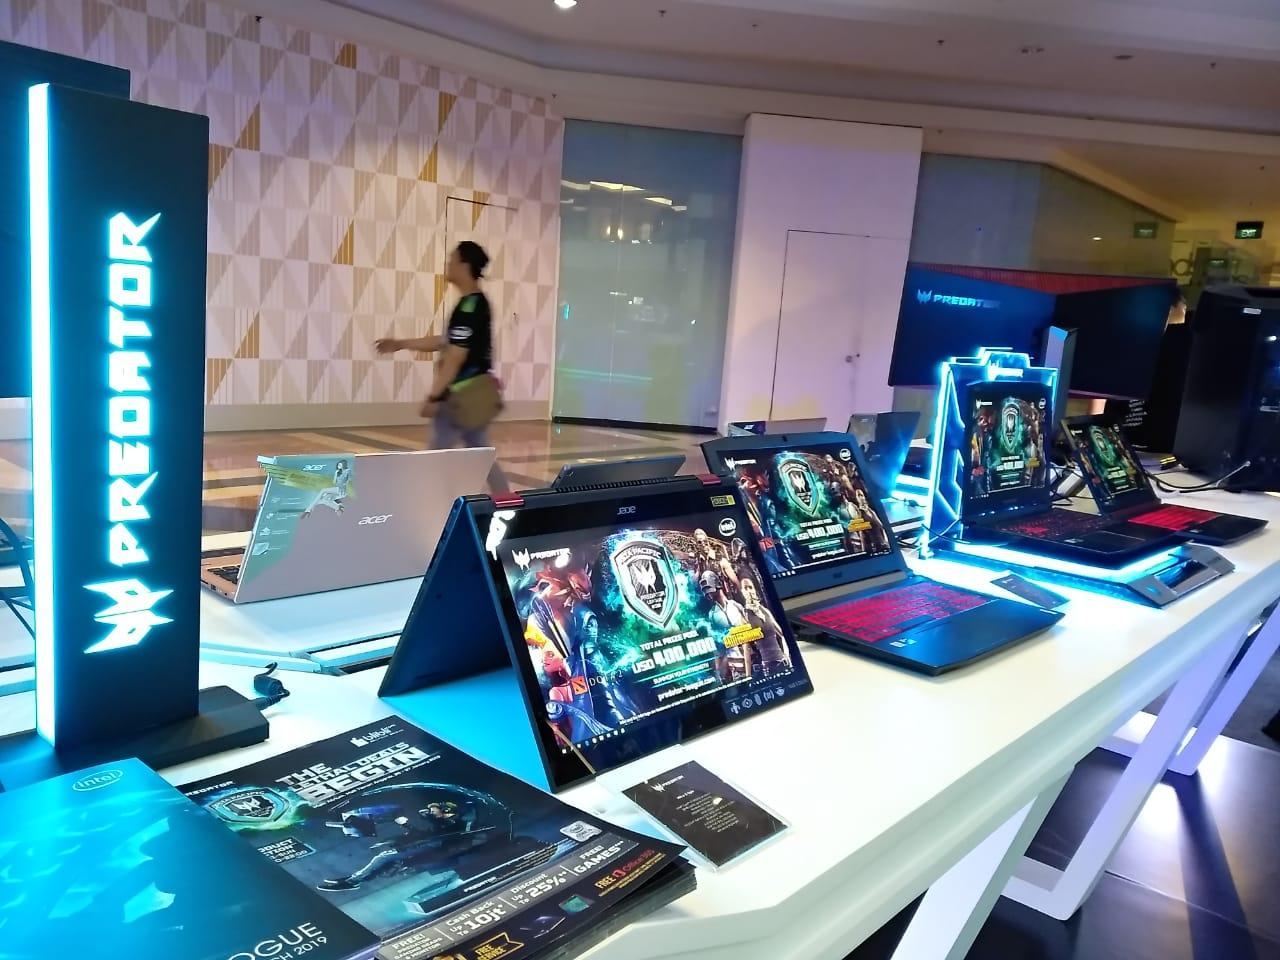 Perangkat keras Acer yang mendukung para gamers menjadi juara.